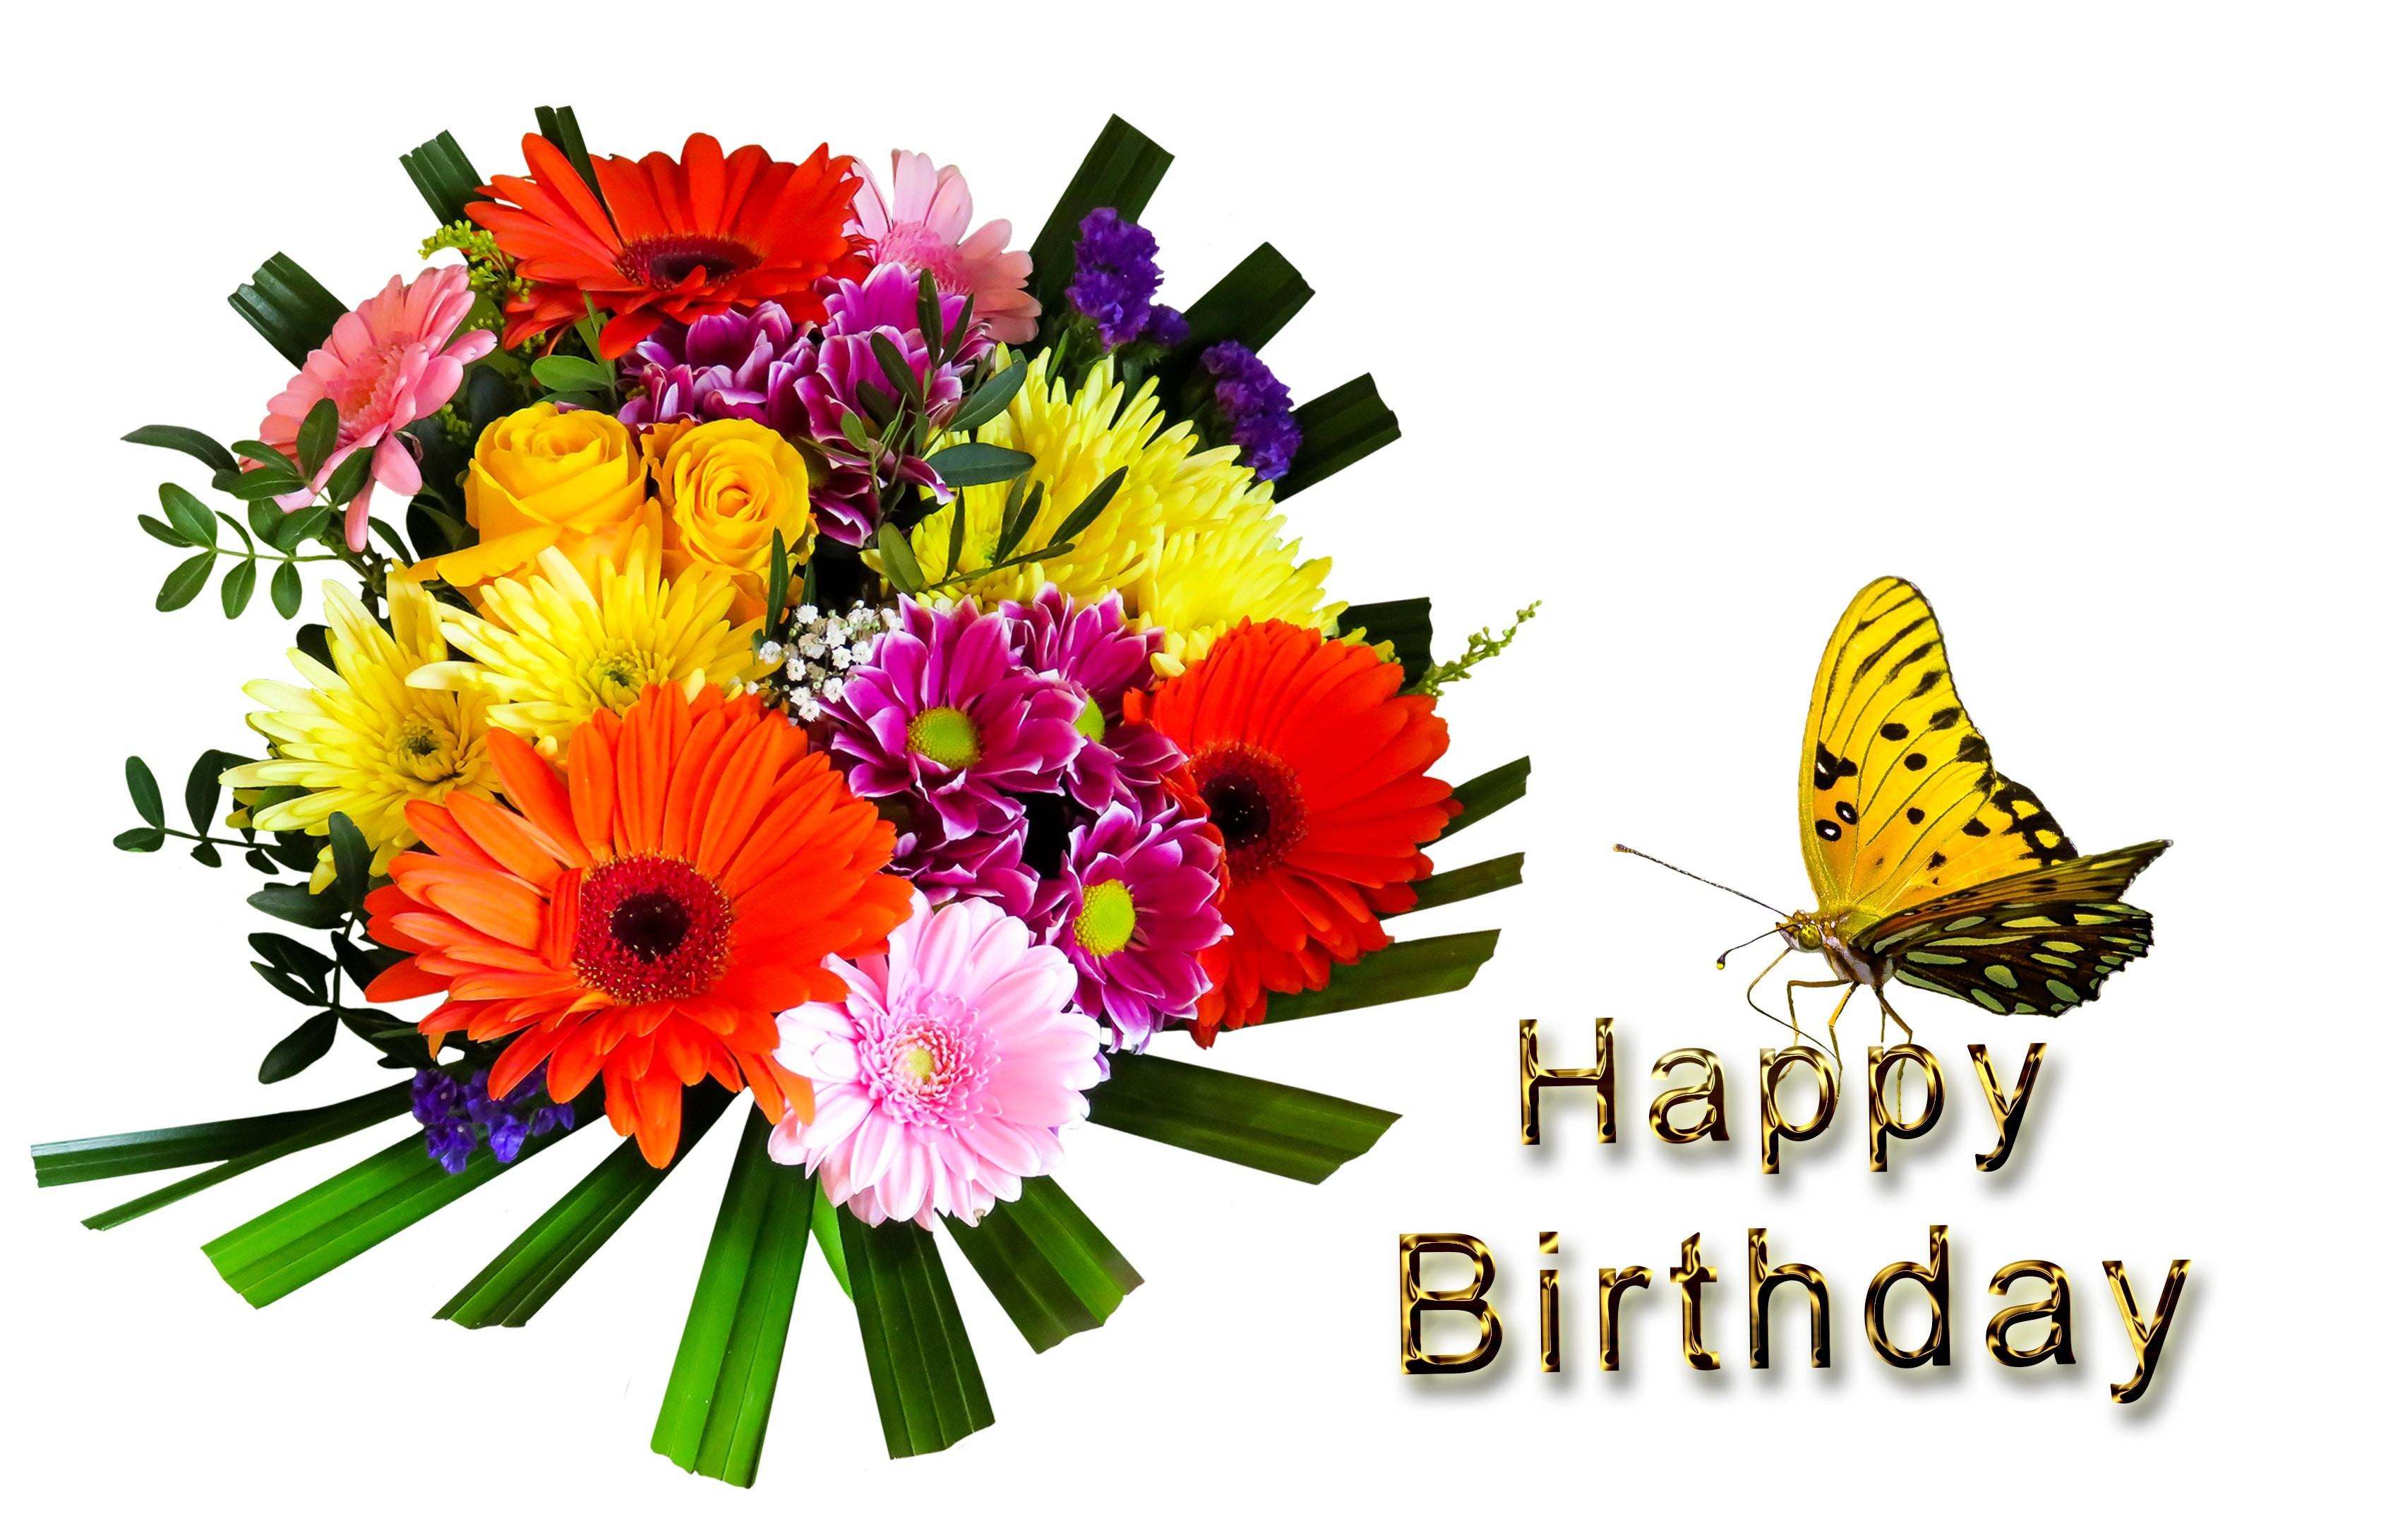 Geburtstagsbilder Blumenstrauss  Kostenloses Foto zum Thema alles gute zum geburtstag